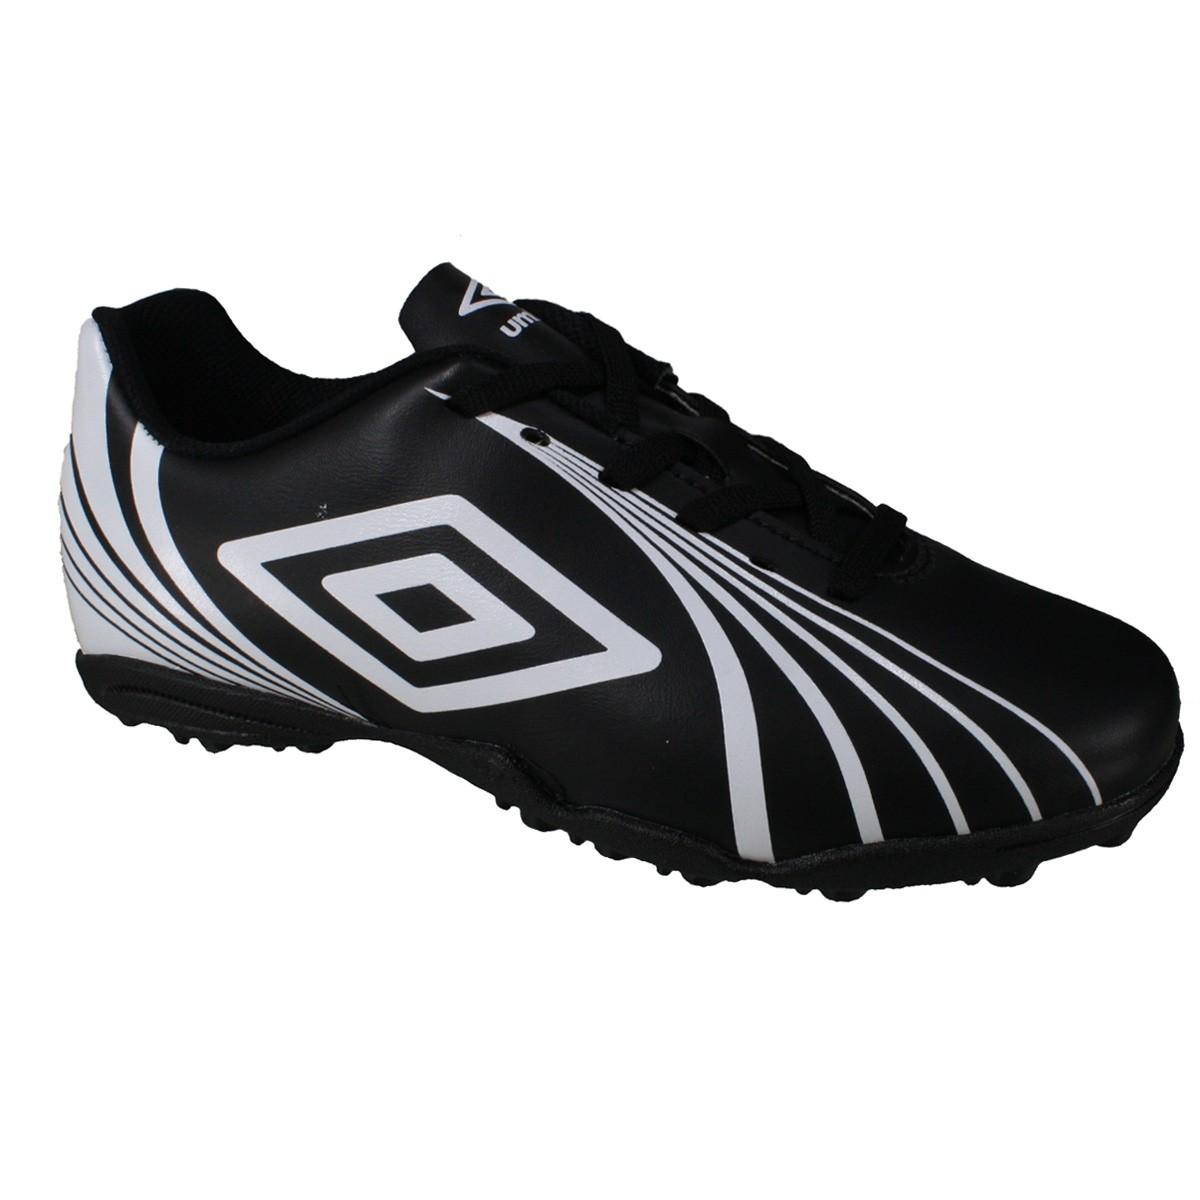 Chuteira Society Umbro Sprint OF71061-121 - Preto Branco - Calçados ... 8038efa963dcd